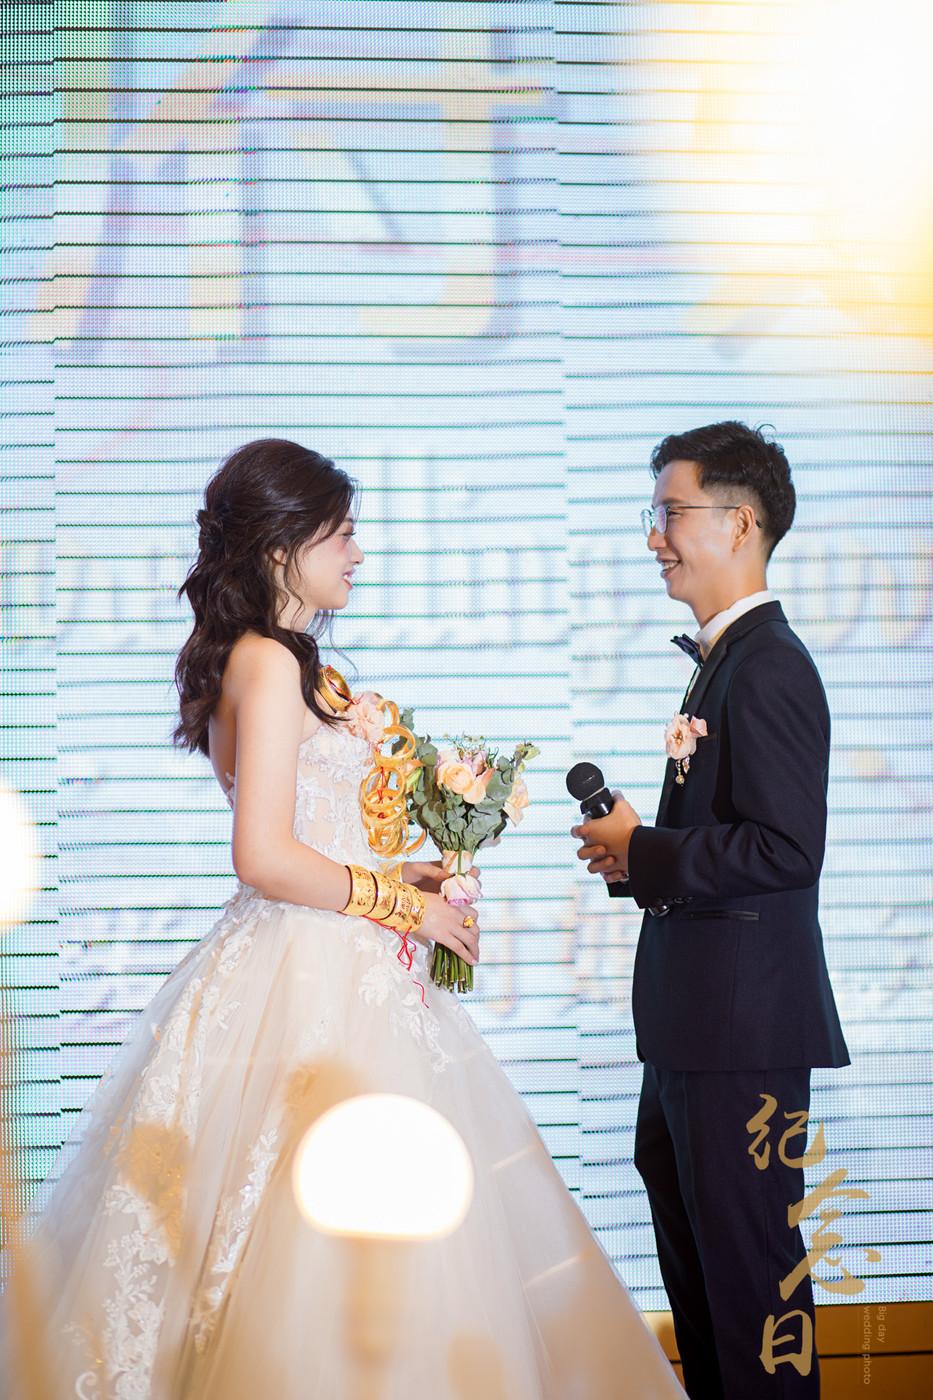 婚礼 | 志明&琳琳78